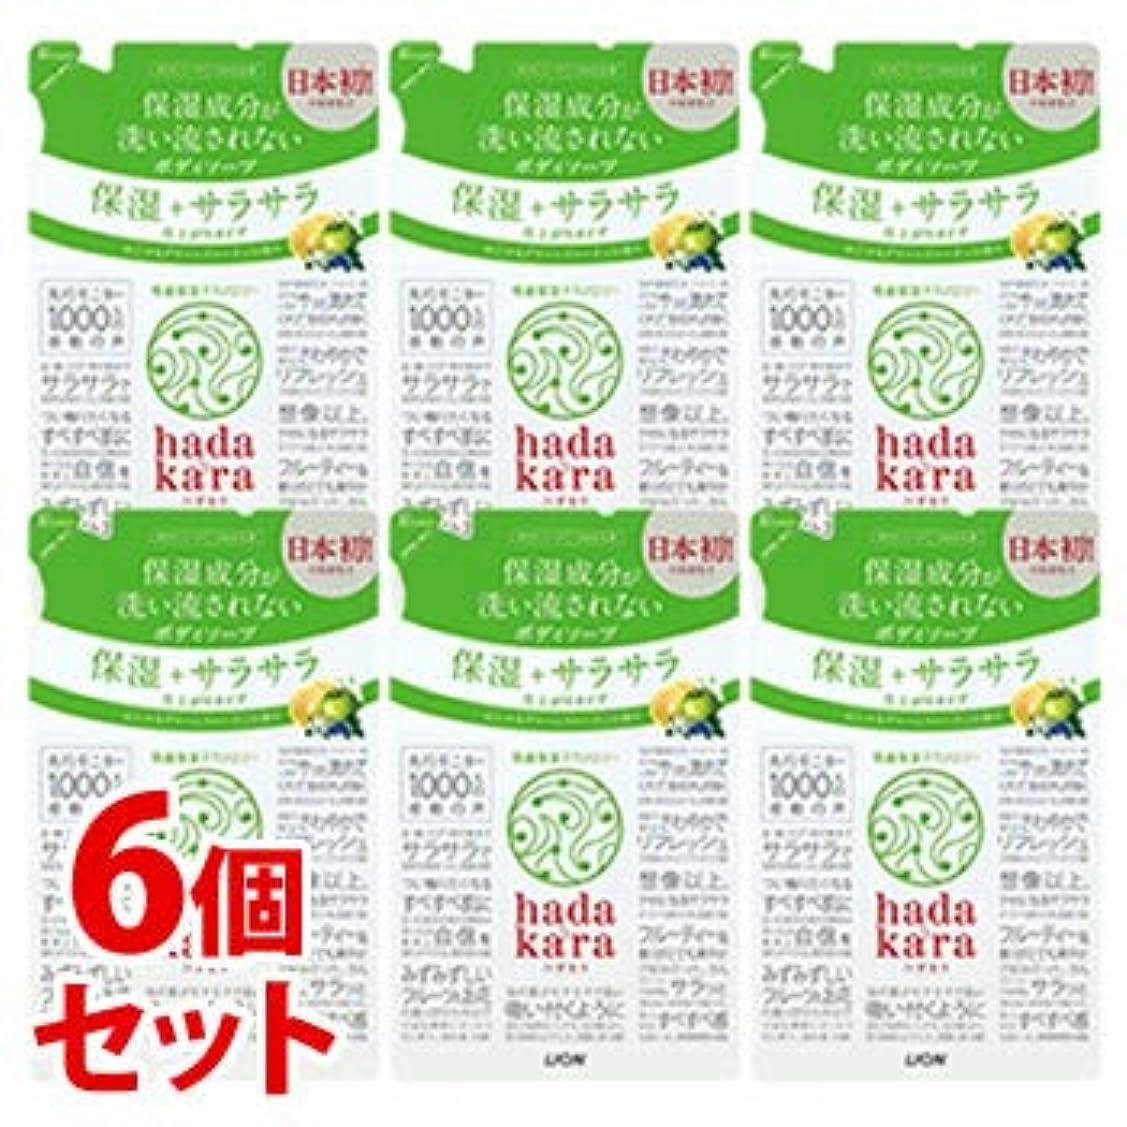 ストラップシビック徹底的に《セット販売》 ライオン ハダカラ hadakara ボディソープ 保湿+サラサラ仕上がりタイプ グリーンフルーティの香り つめかえ用 (340mL)×6個セット 詰め替え用